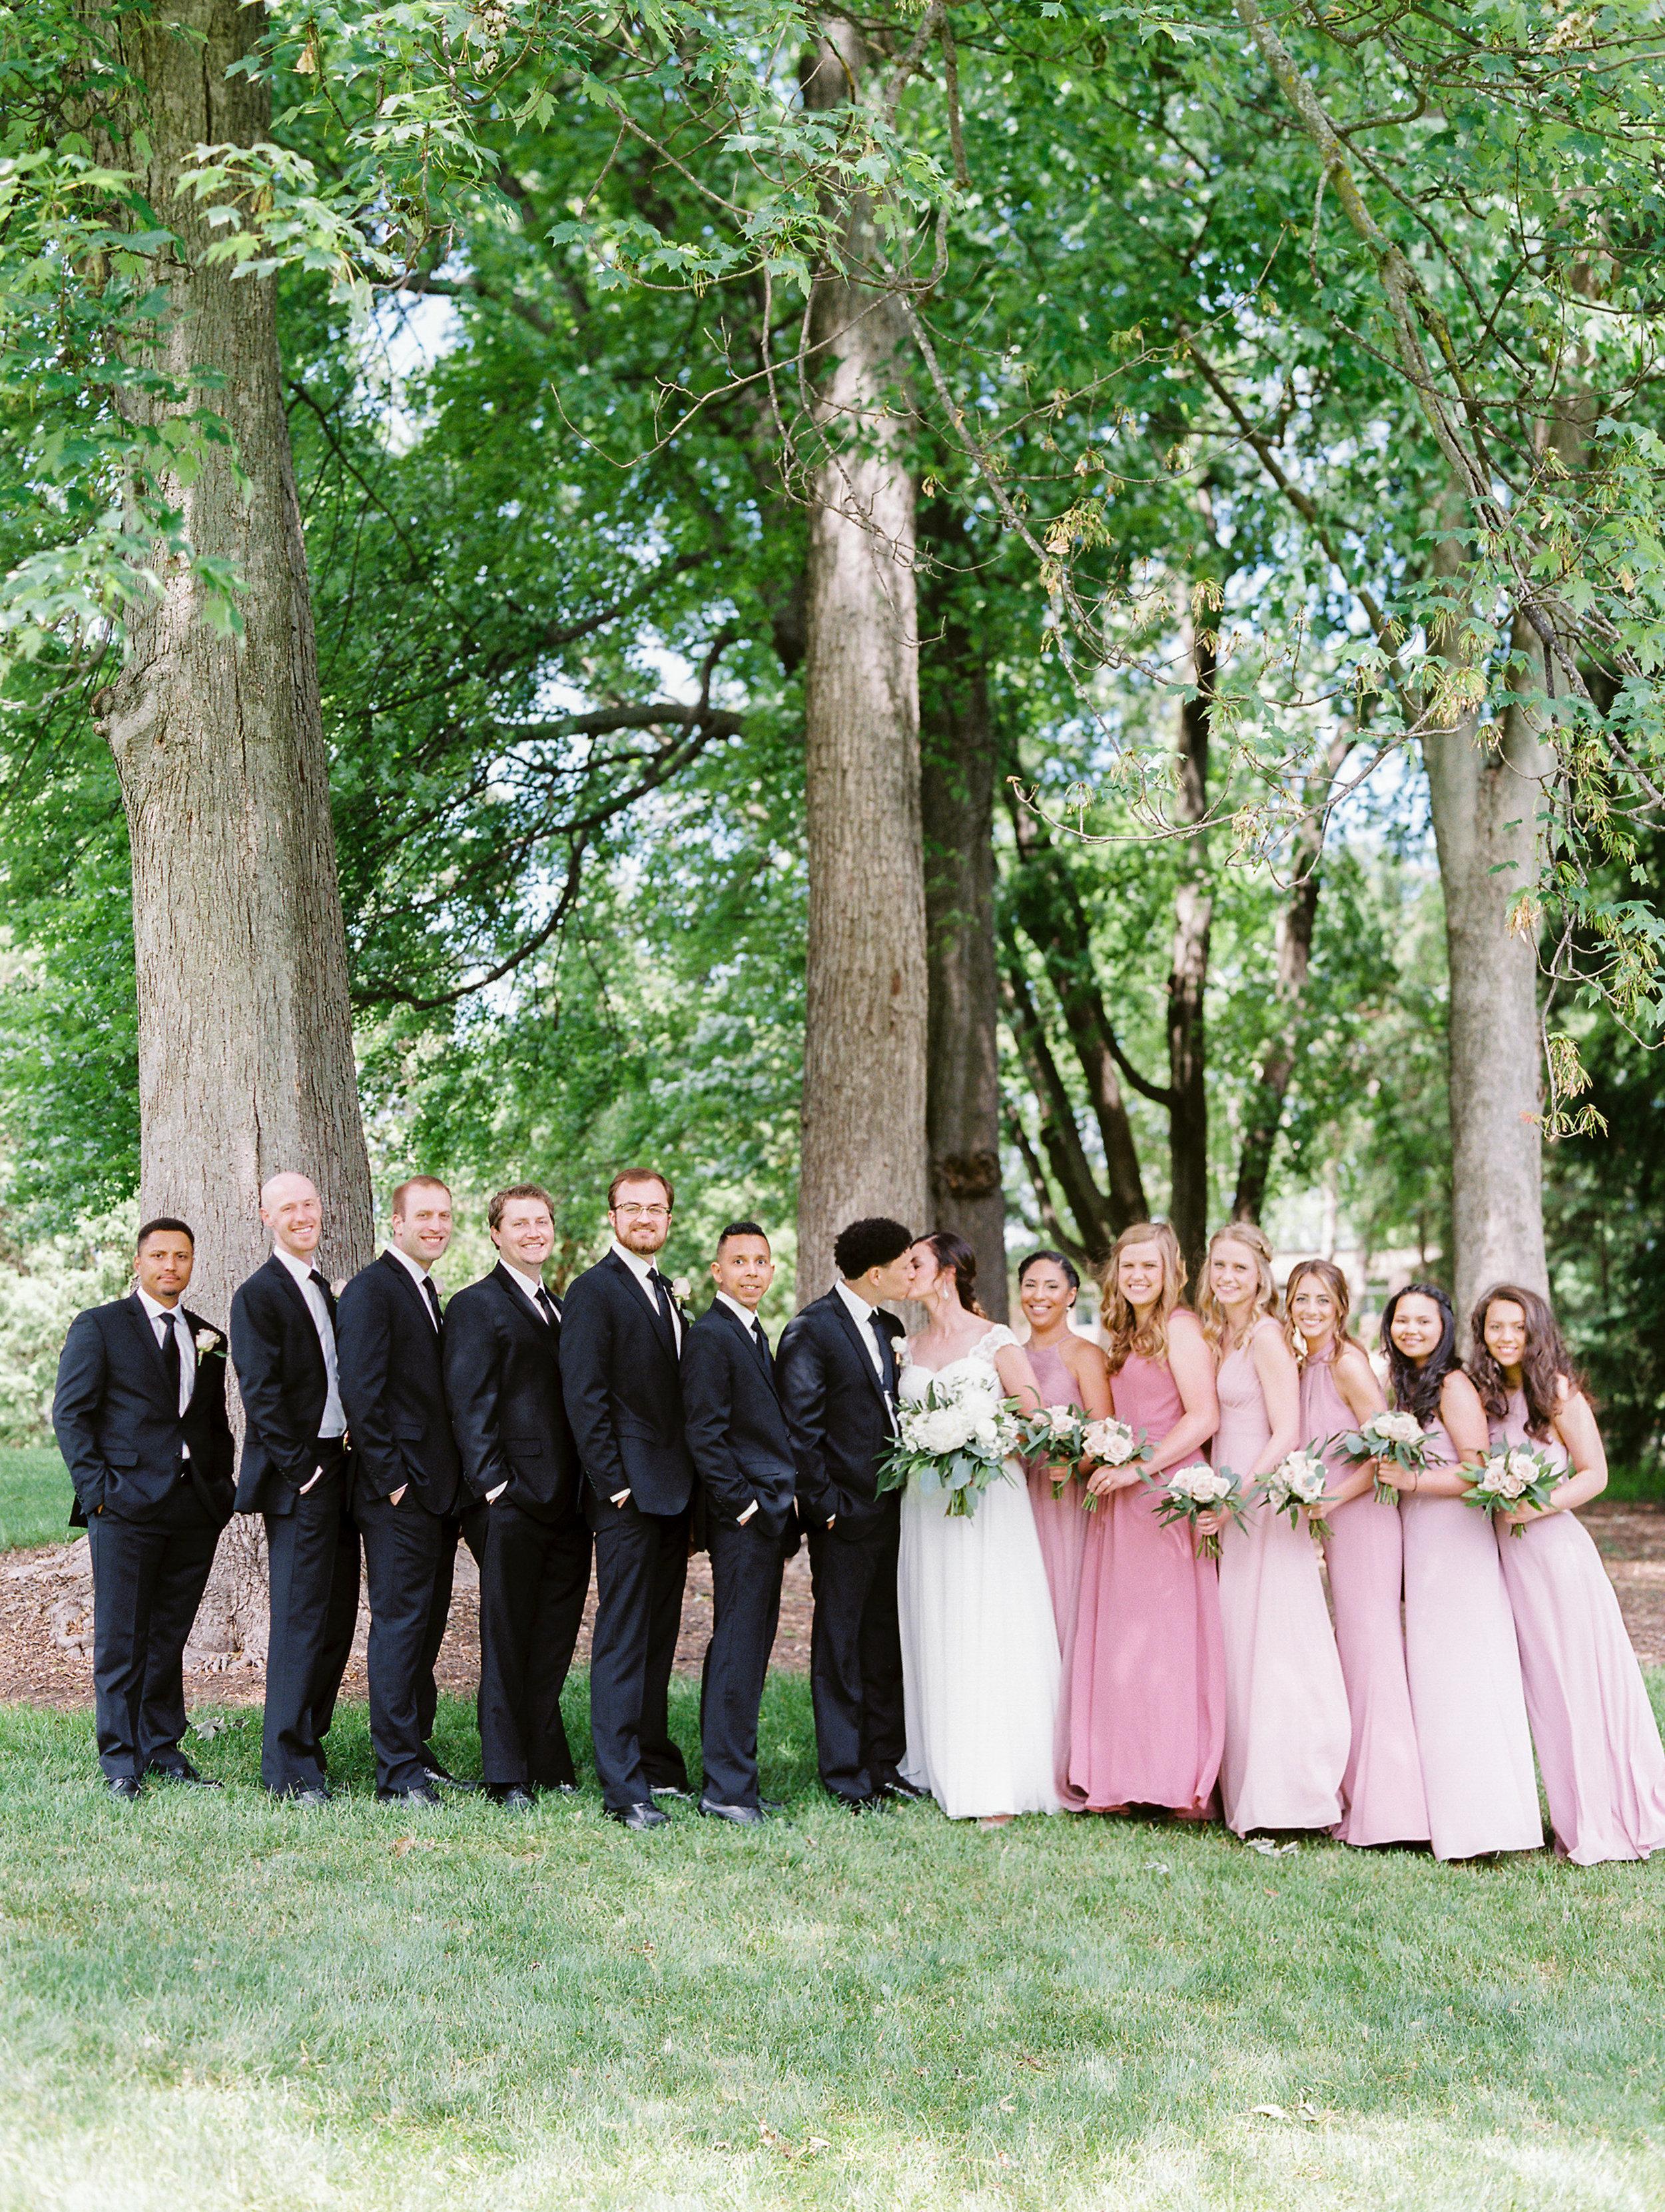 Julius+Wedding+BridalPartyf-52.jpg